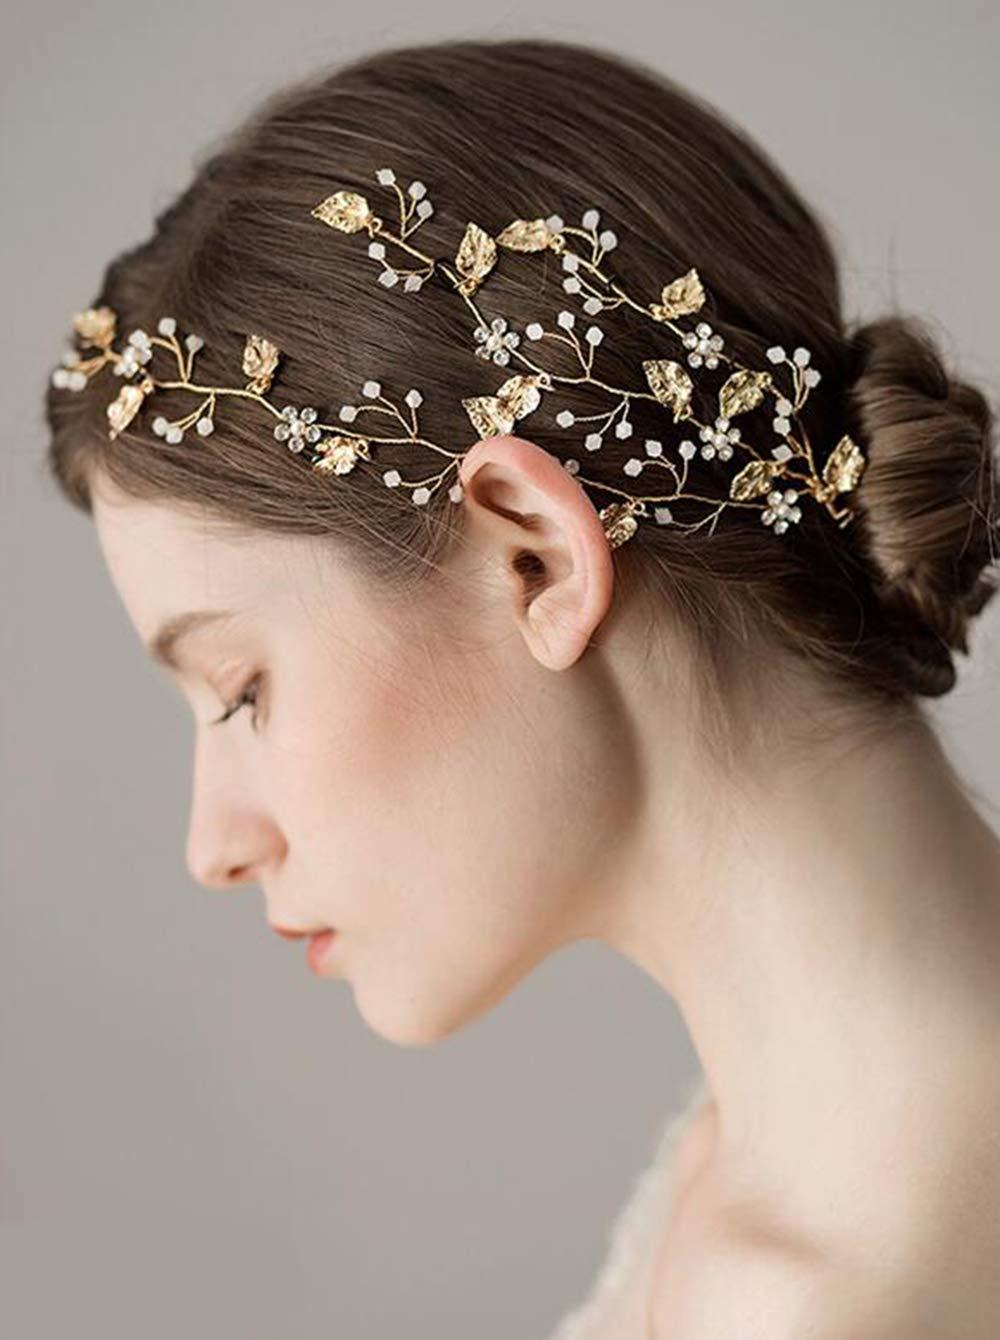 FXmimior Women Bridal Crystal Headpiece Rhinestone Headband Hair Vine Wedding Hair Accessories Leaf and Flower Bridal Hair Accessory